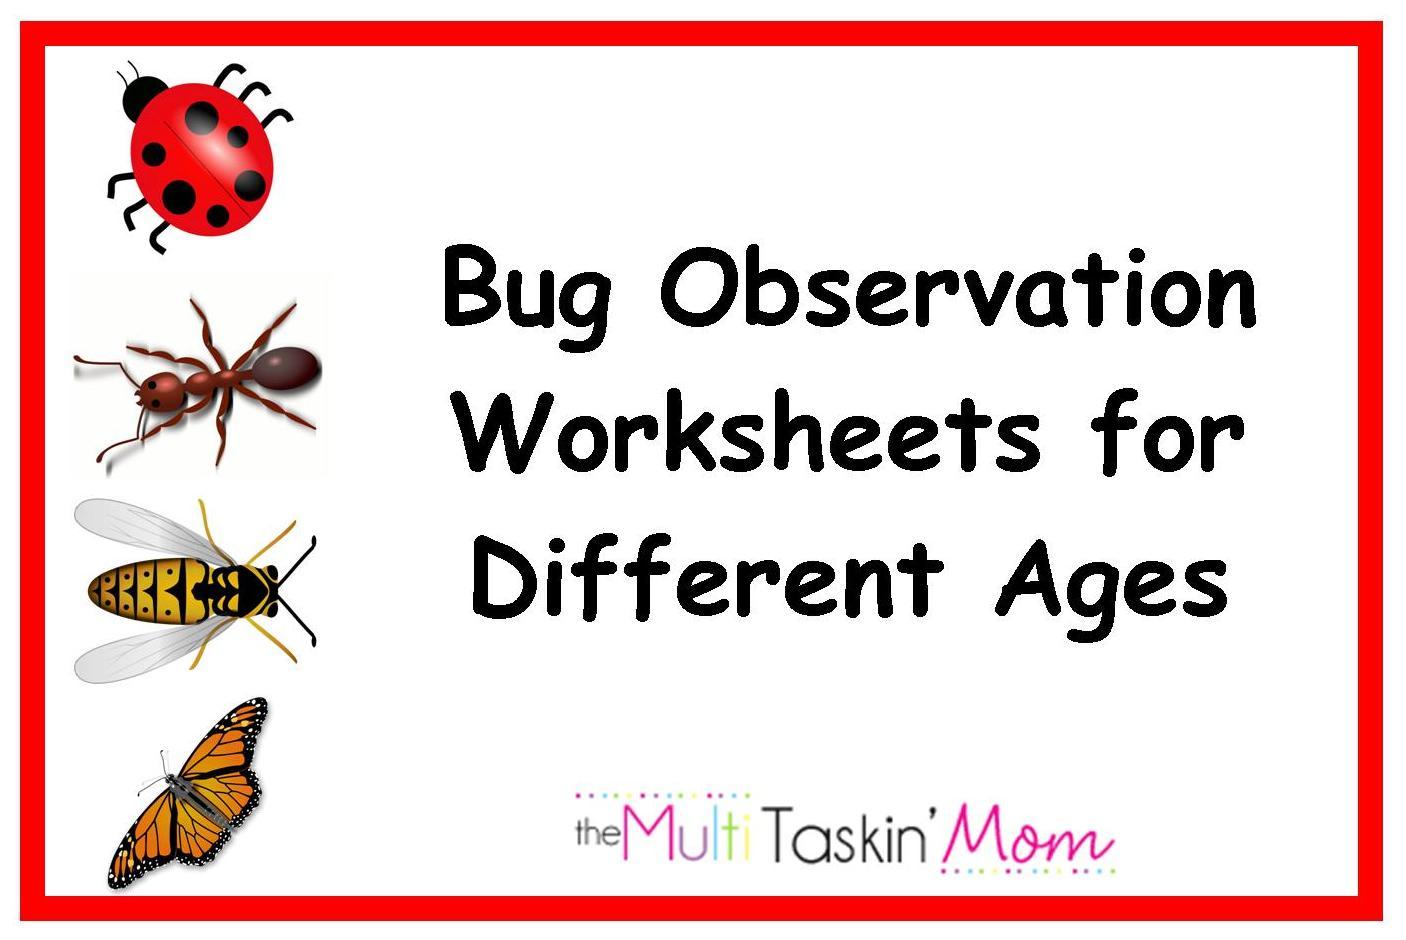 Worksheet Observing Seedsservation